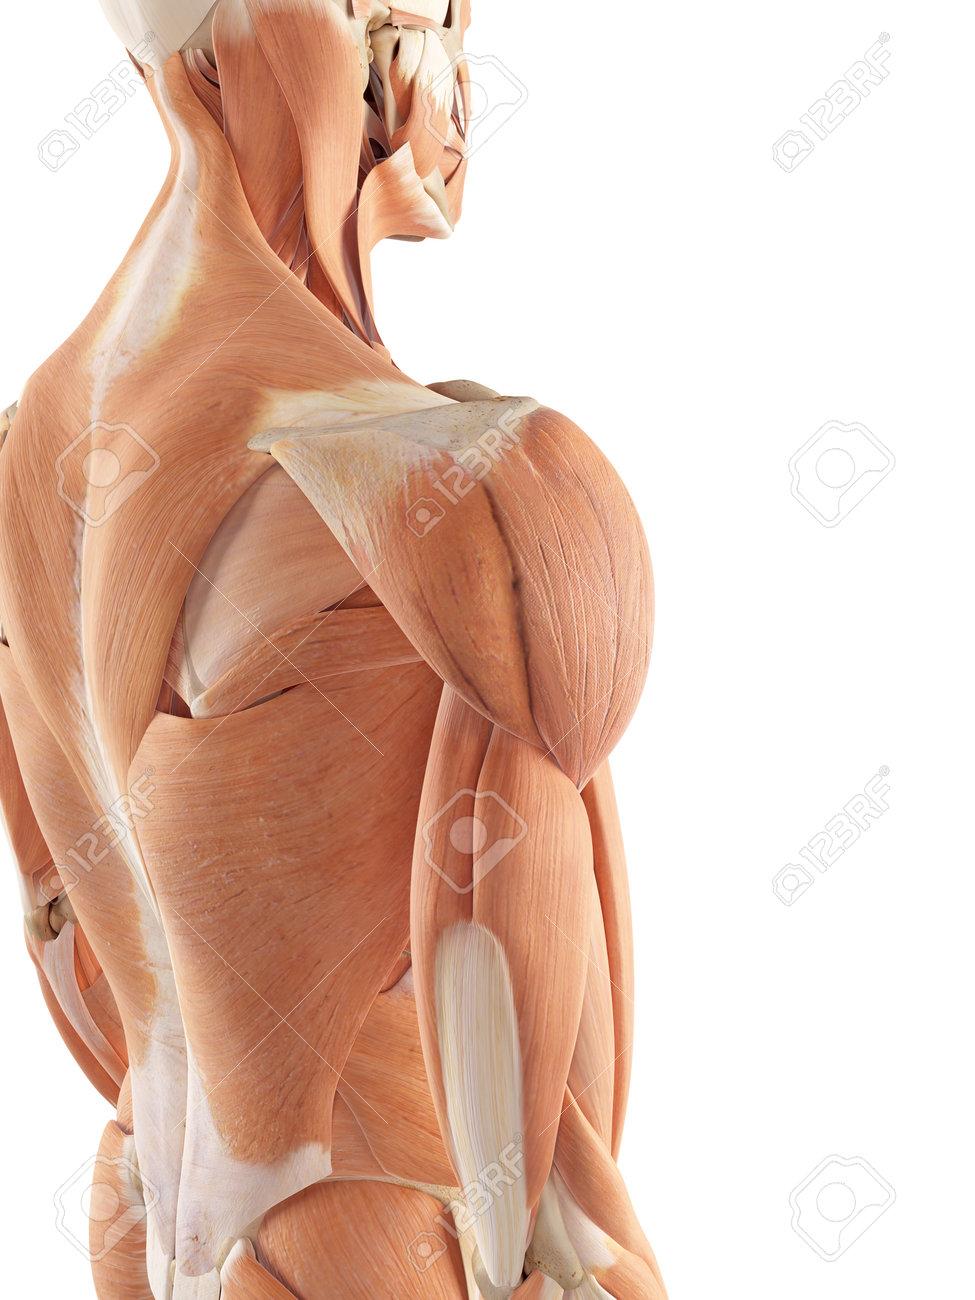 Único Hombro Diagrama Músculos Blade Foto - Anatomía de Las ...